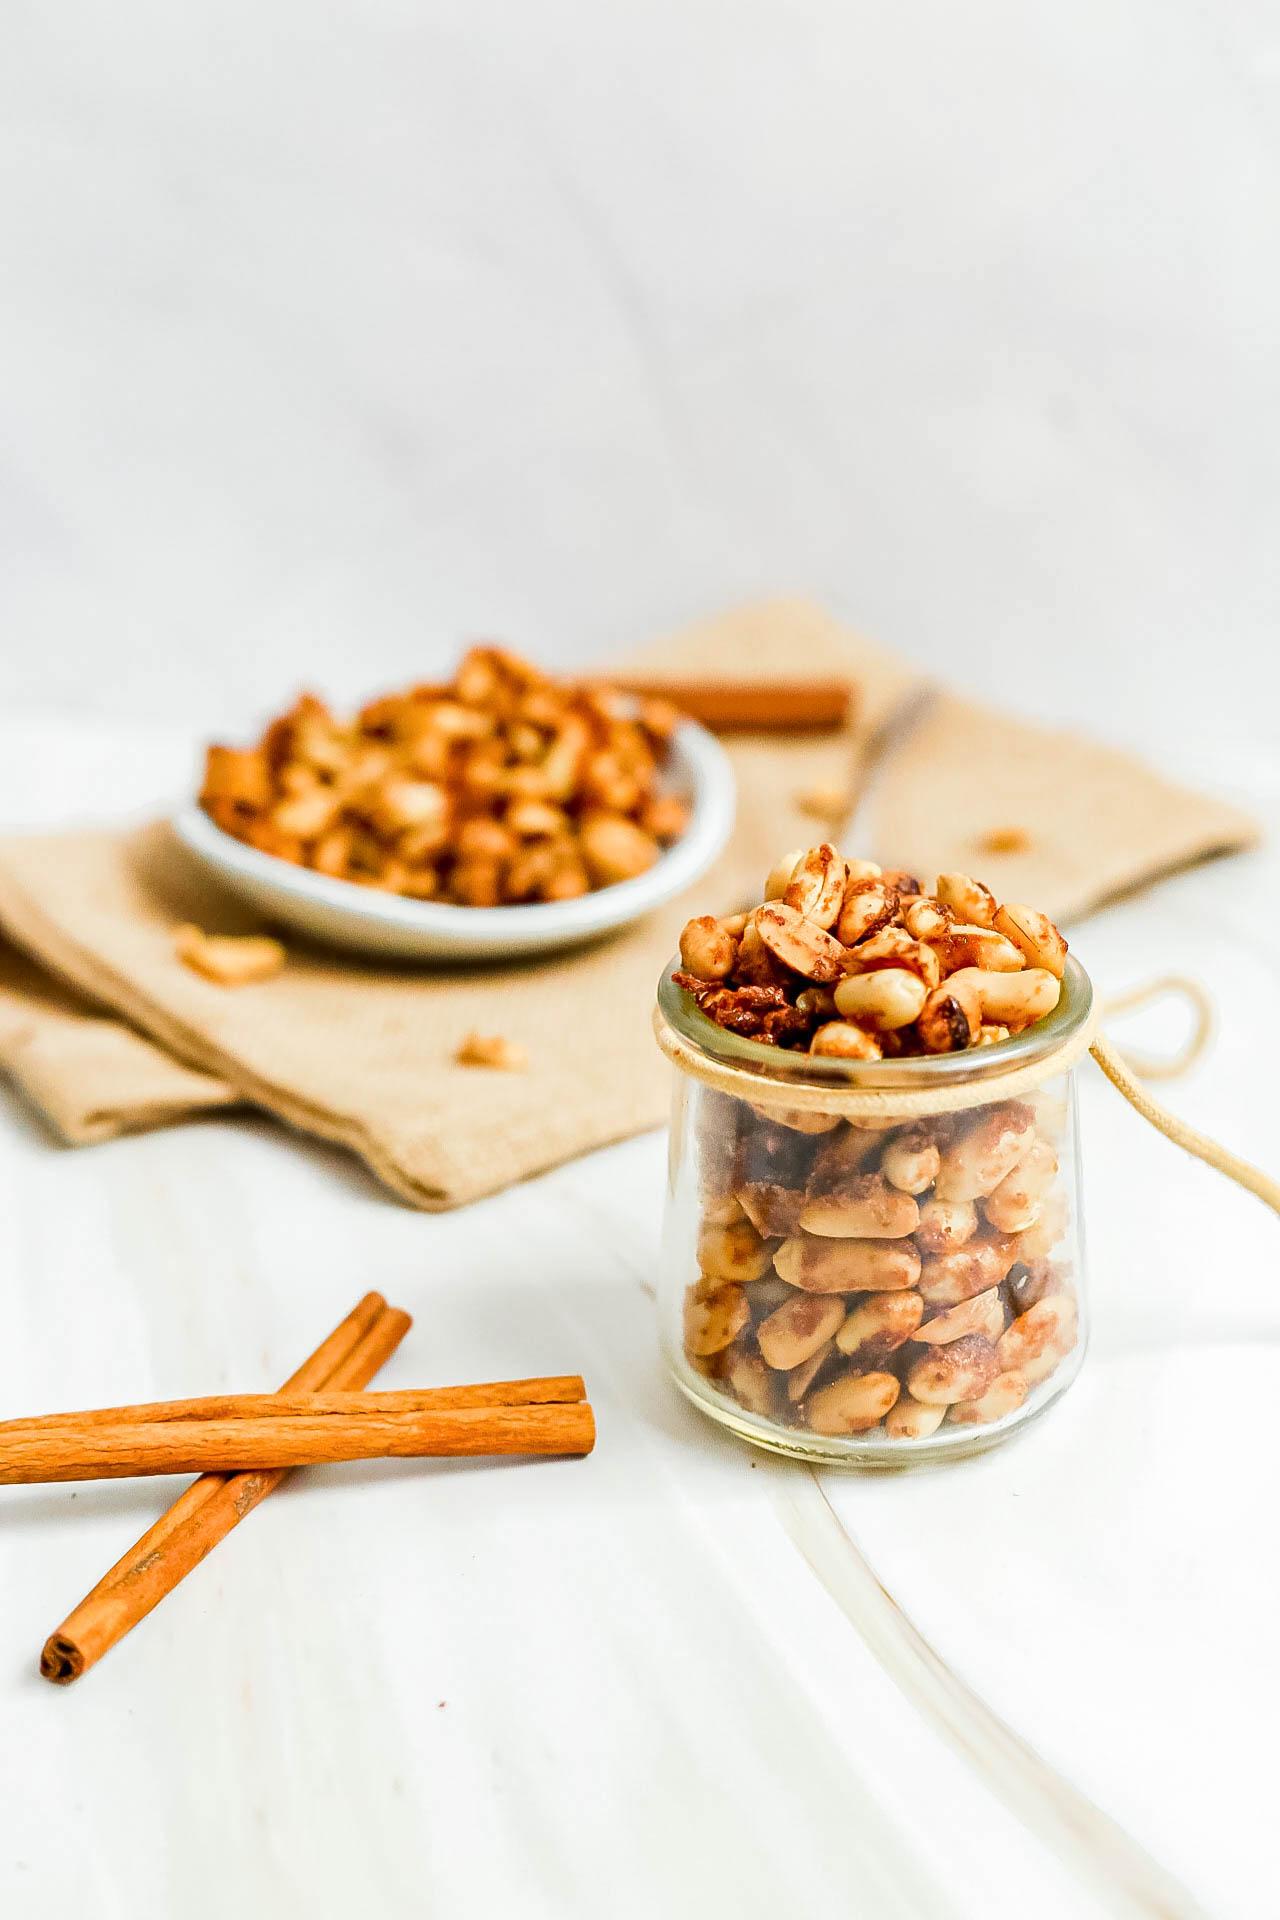 Vegan 'Honey' Roasted Peanuts